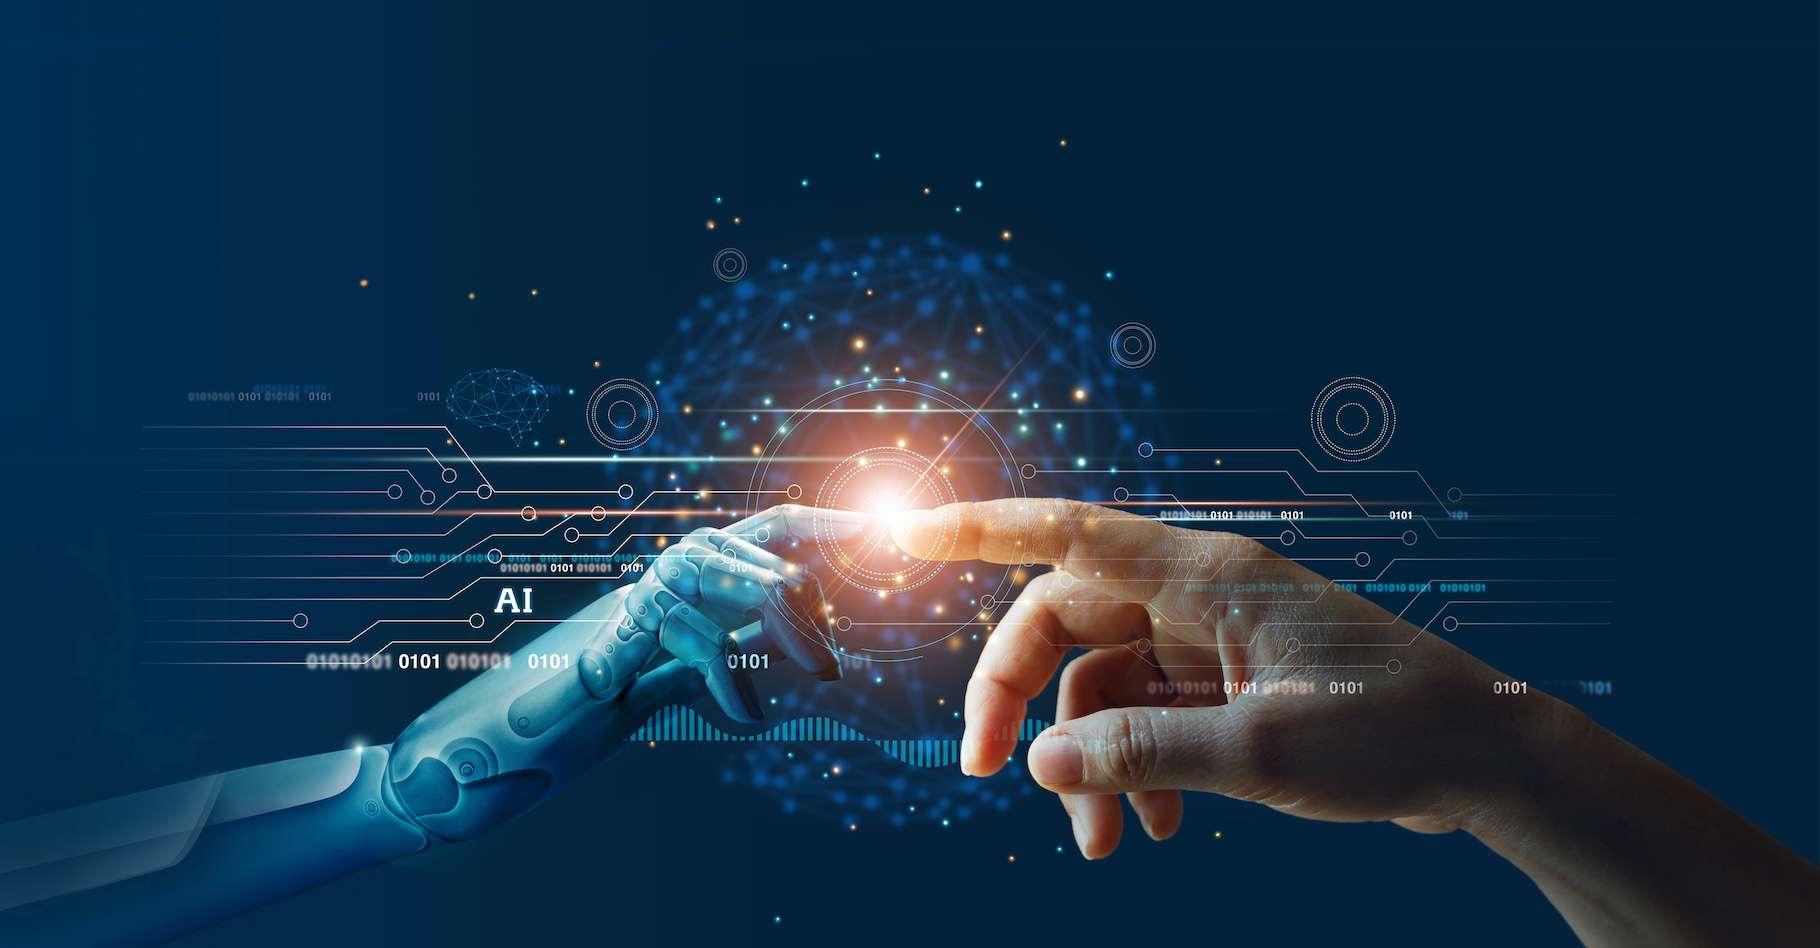 Ce mardi 1er décembre 2020, les Electric Days et Yann LeCun, Chief IA Scientist de Facebook, nous donnent rendez-vous à 14 heures 45 pour imaginer comme l'intelligence artificielle peut agir comme un accélérateur de la transition énergétique. © ipopba, Adobe Stock